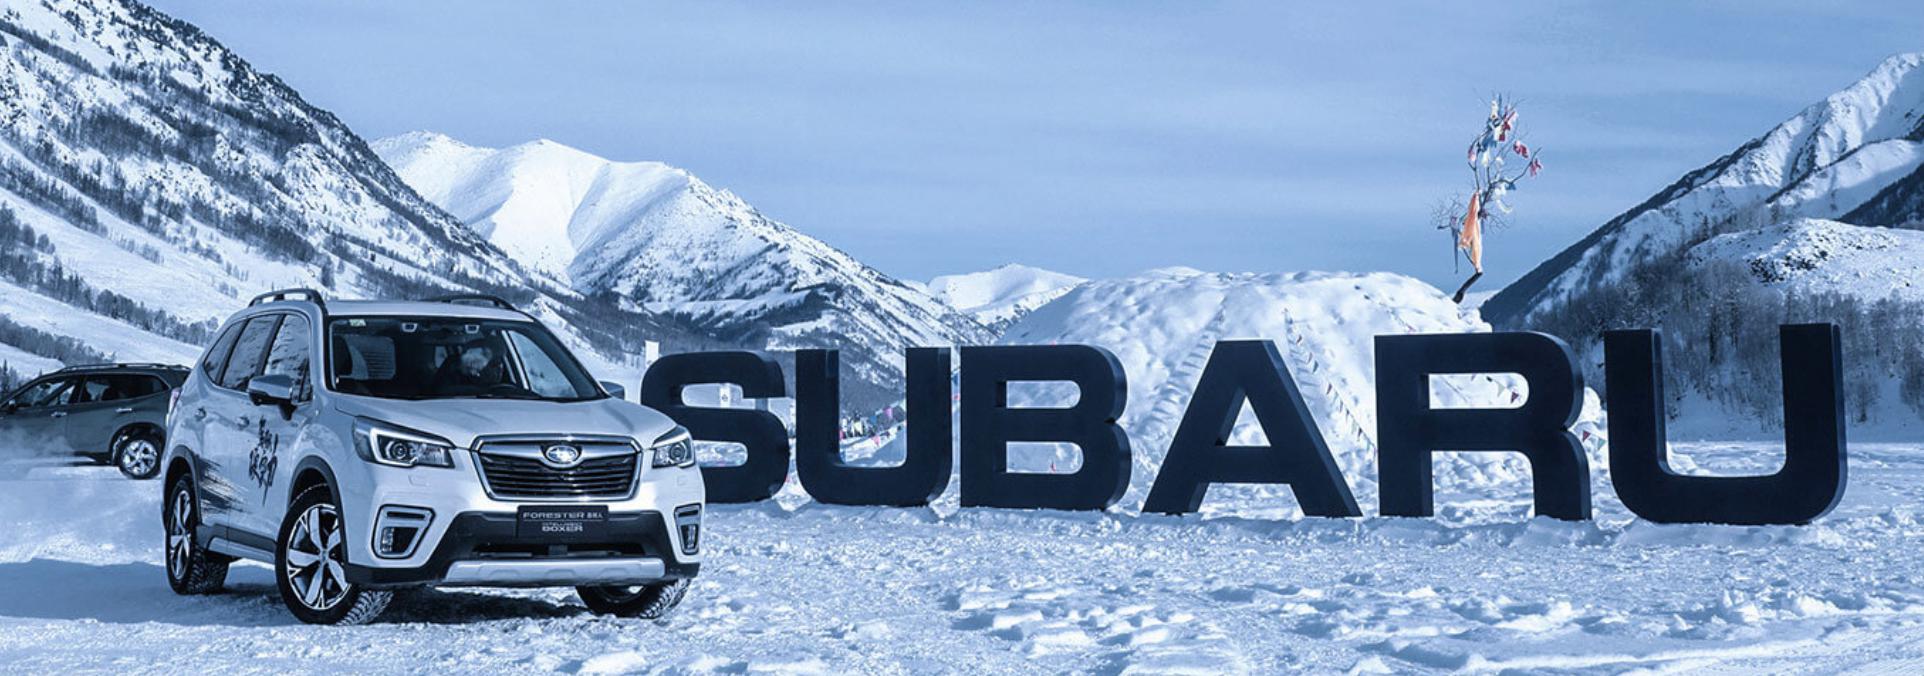 丰田对斯巴鲁的出资比例增至20%图片